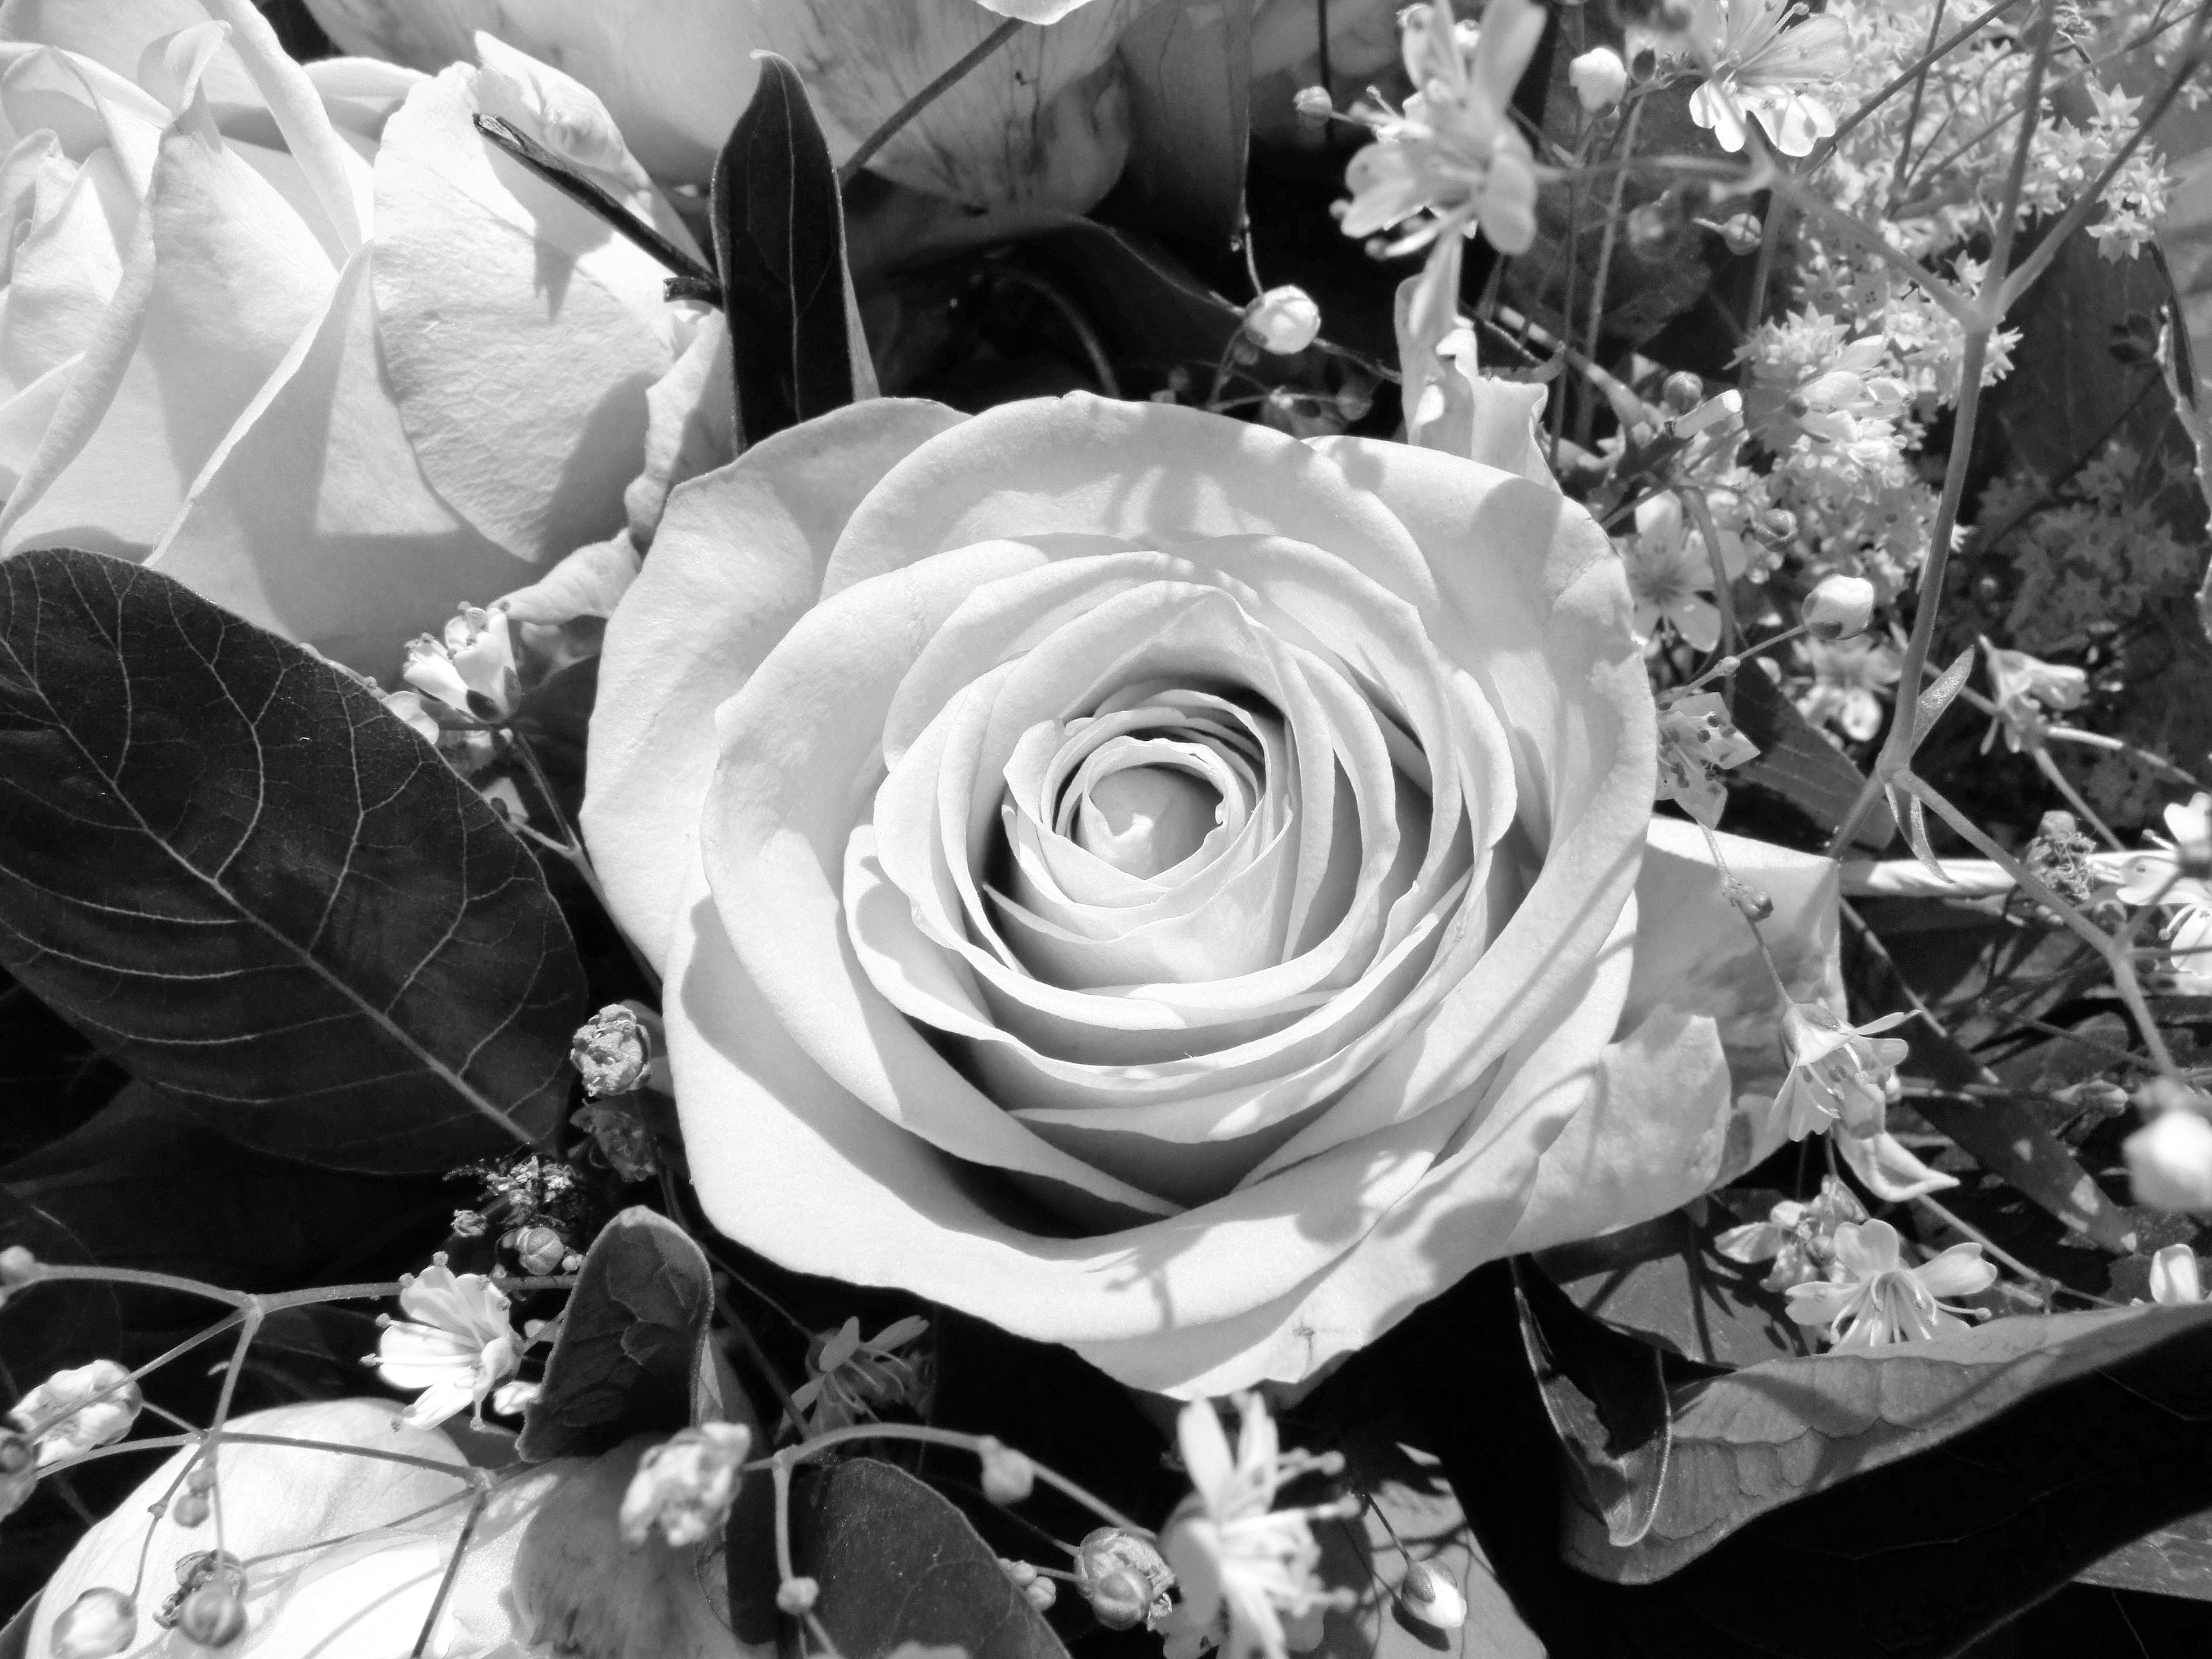 розы черно белые фотографии душа имеет запросы